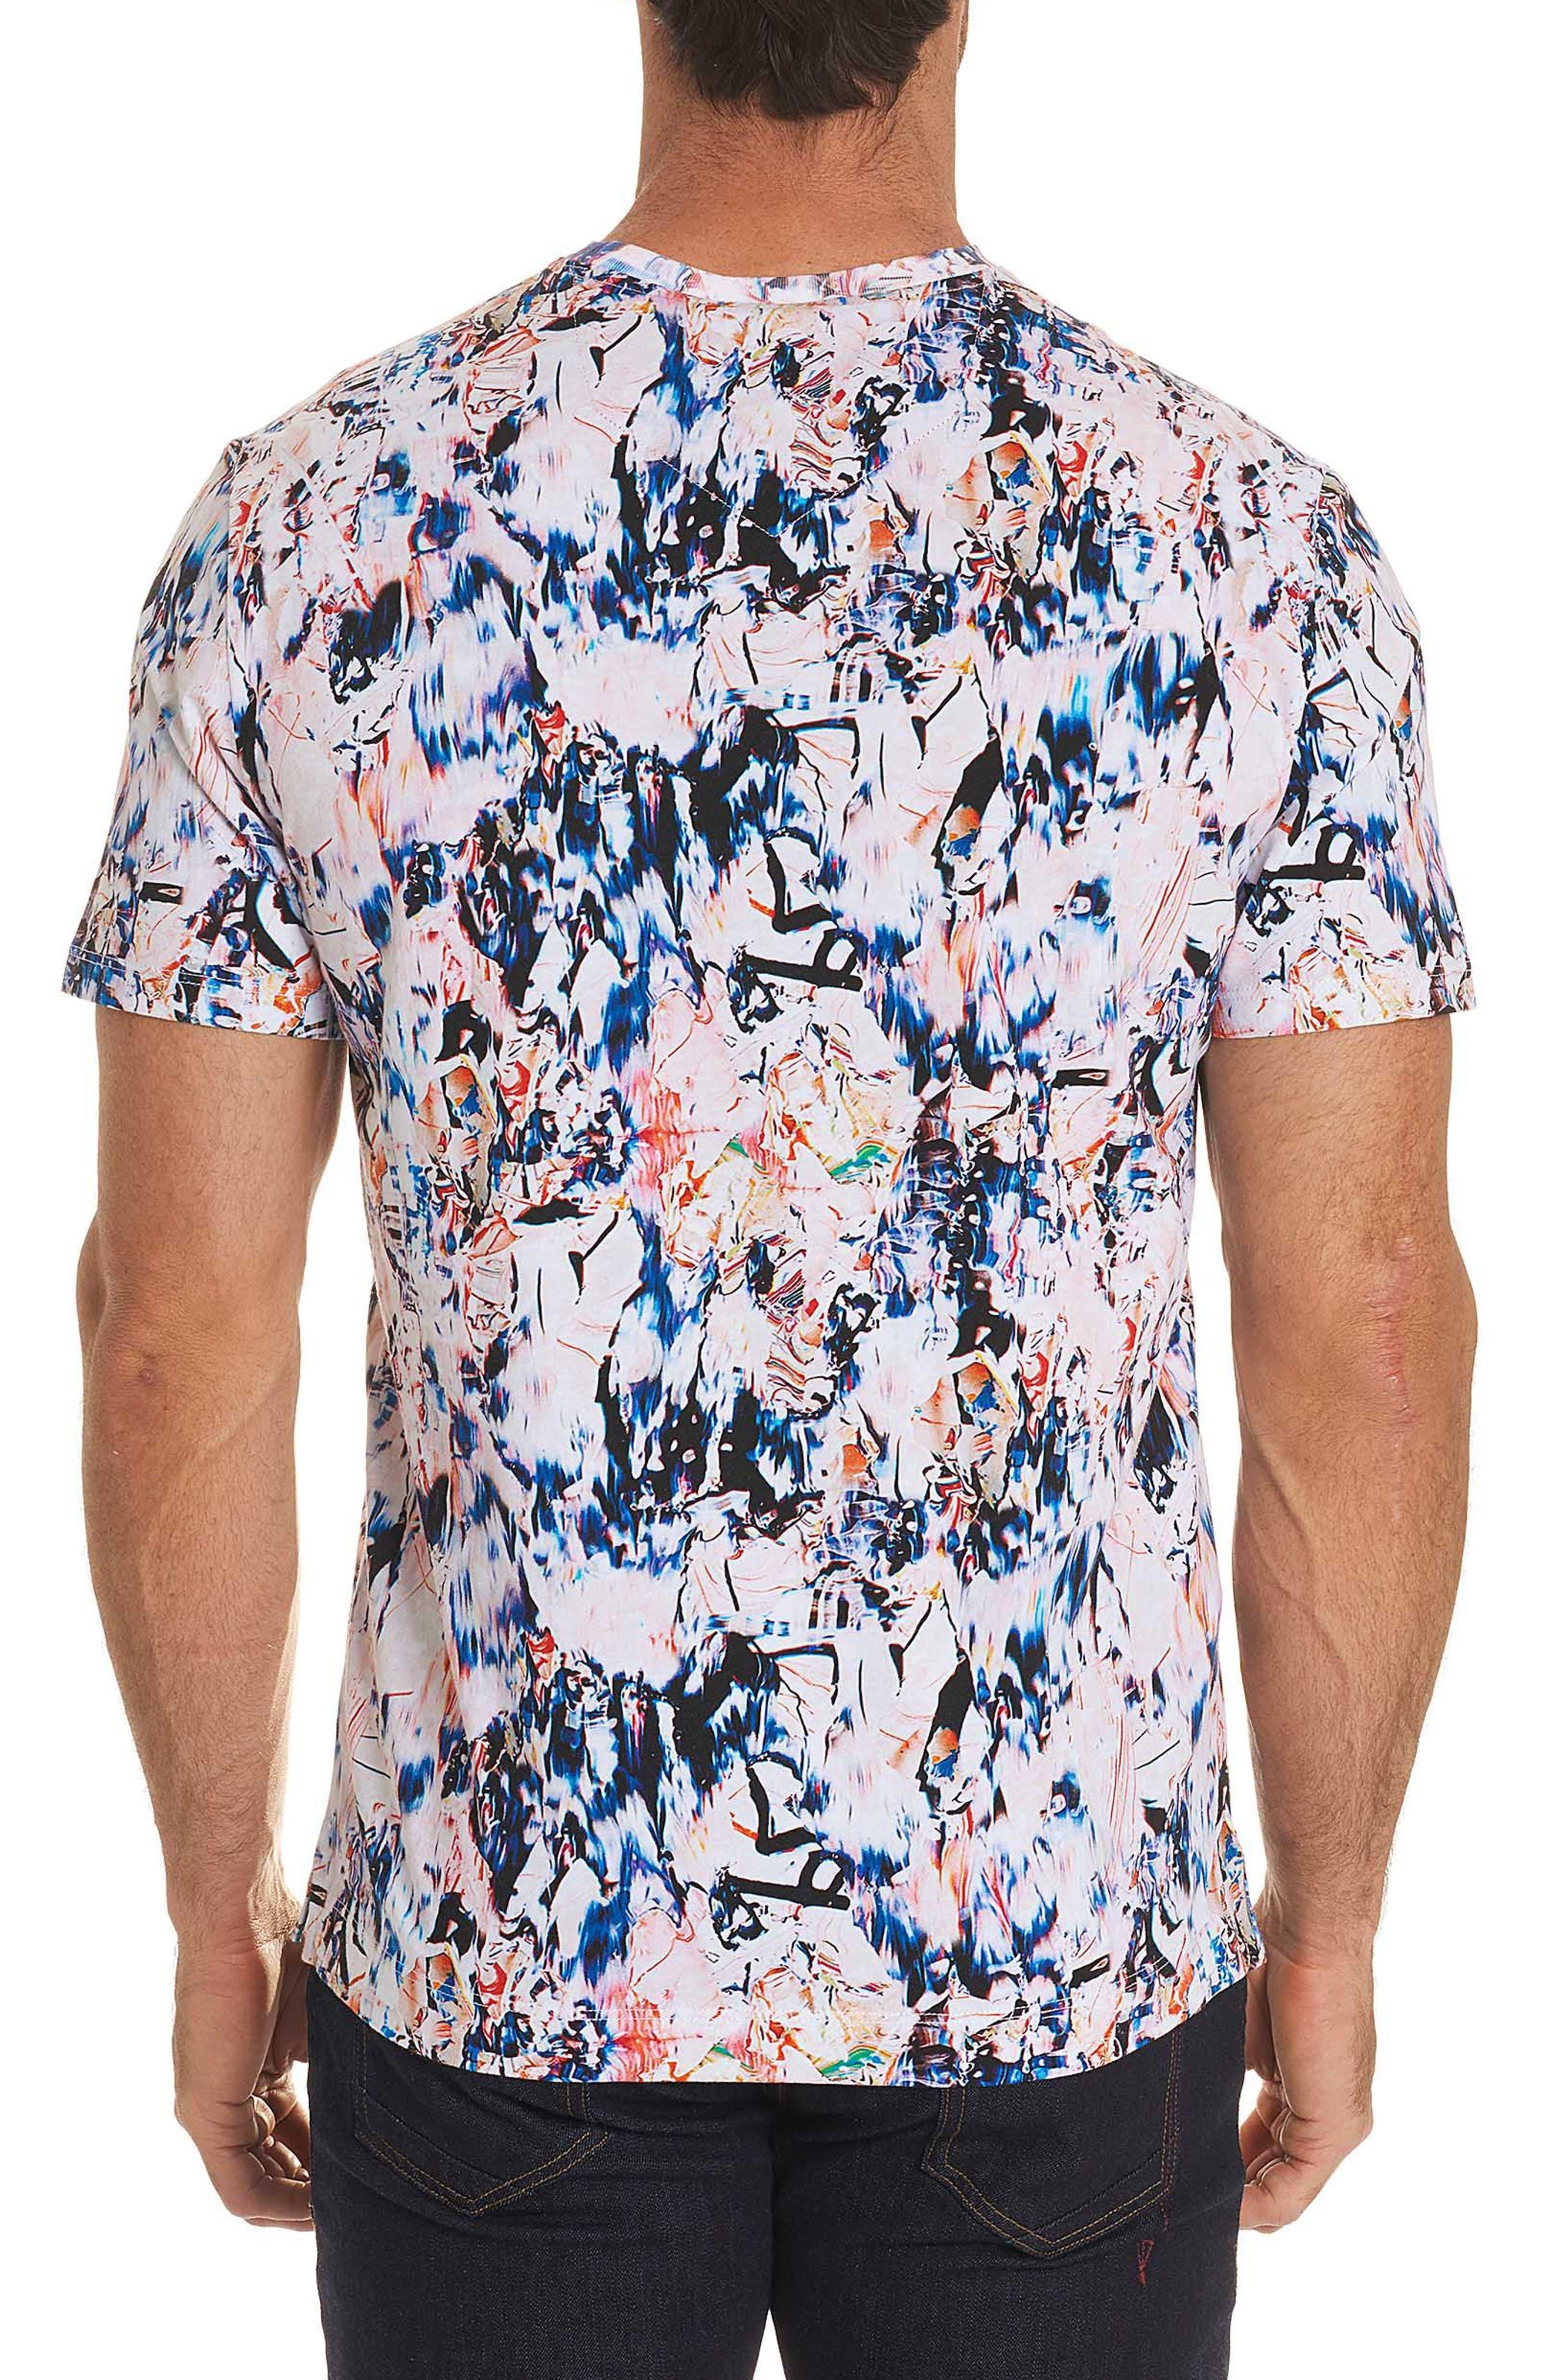 Lima T-Shirt,                             Alternate thumbnail 2, color,                             Multi